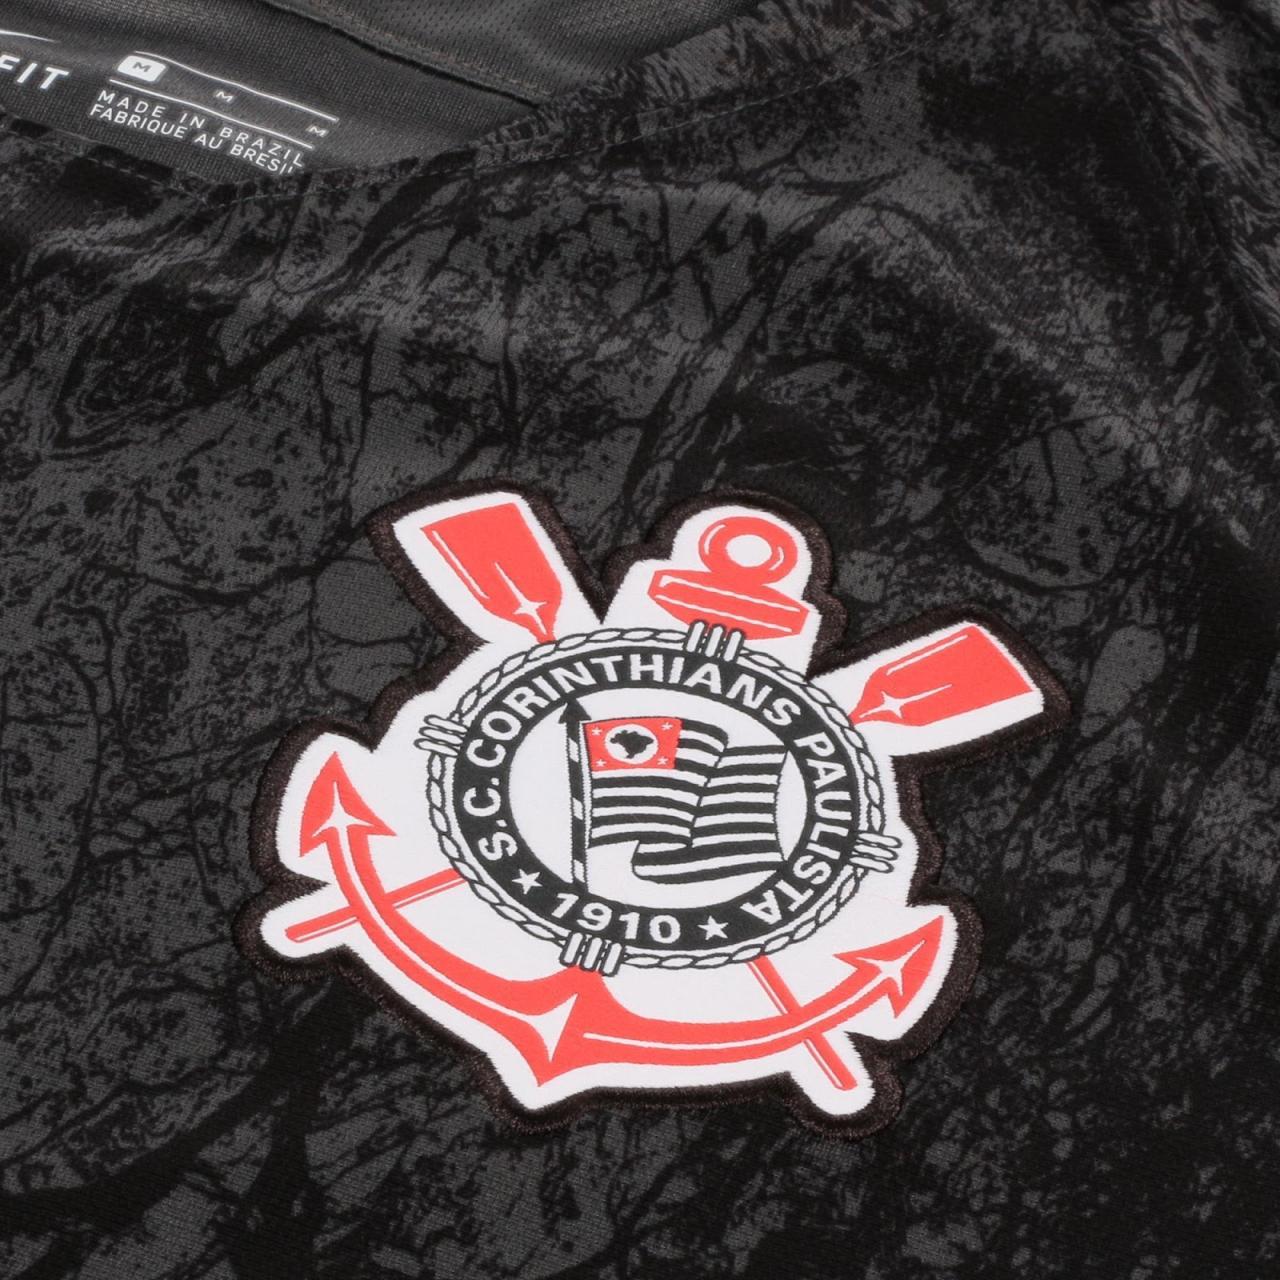 Corinthians 2018-19 Home & Away Kits